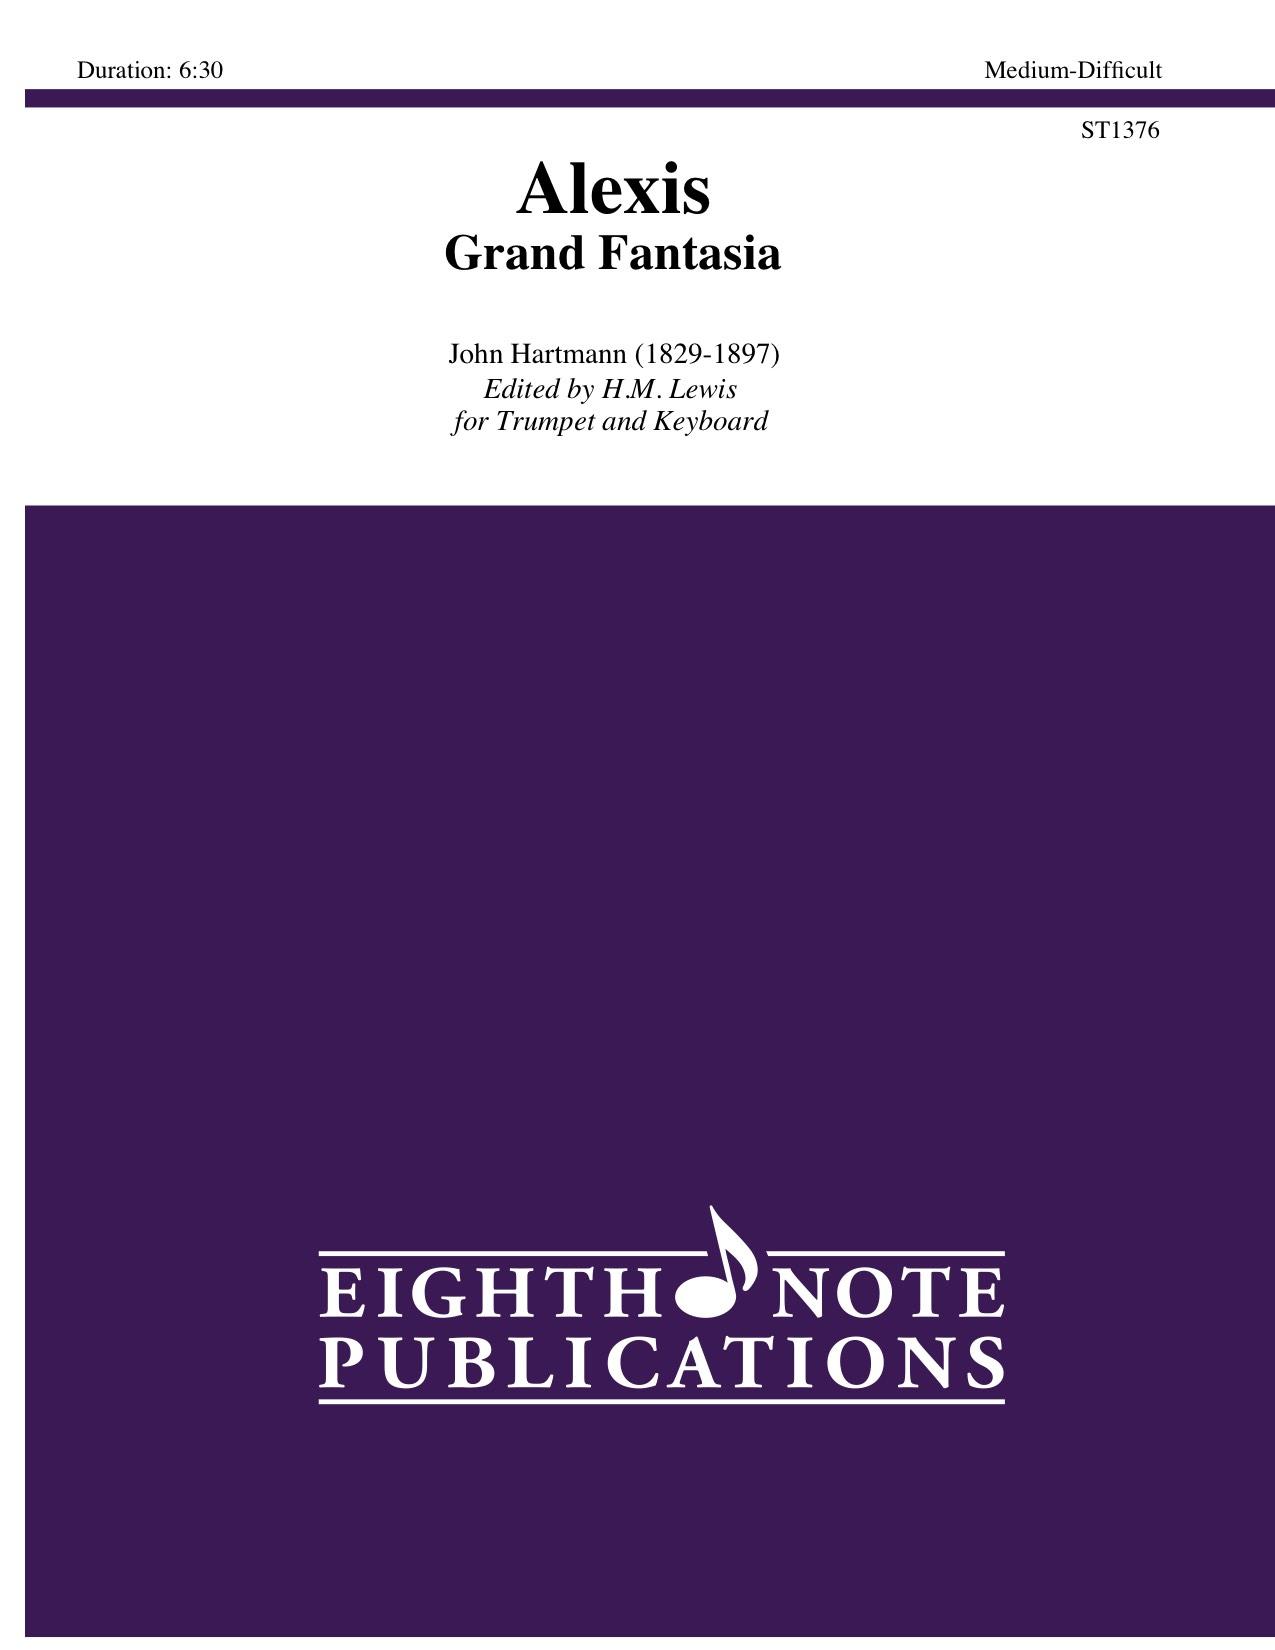 Alexis - Grand Fantasia - John Hartmann